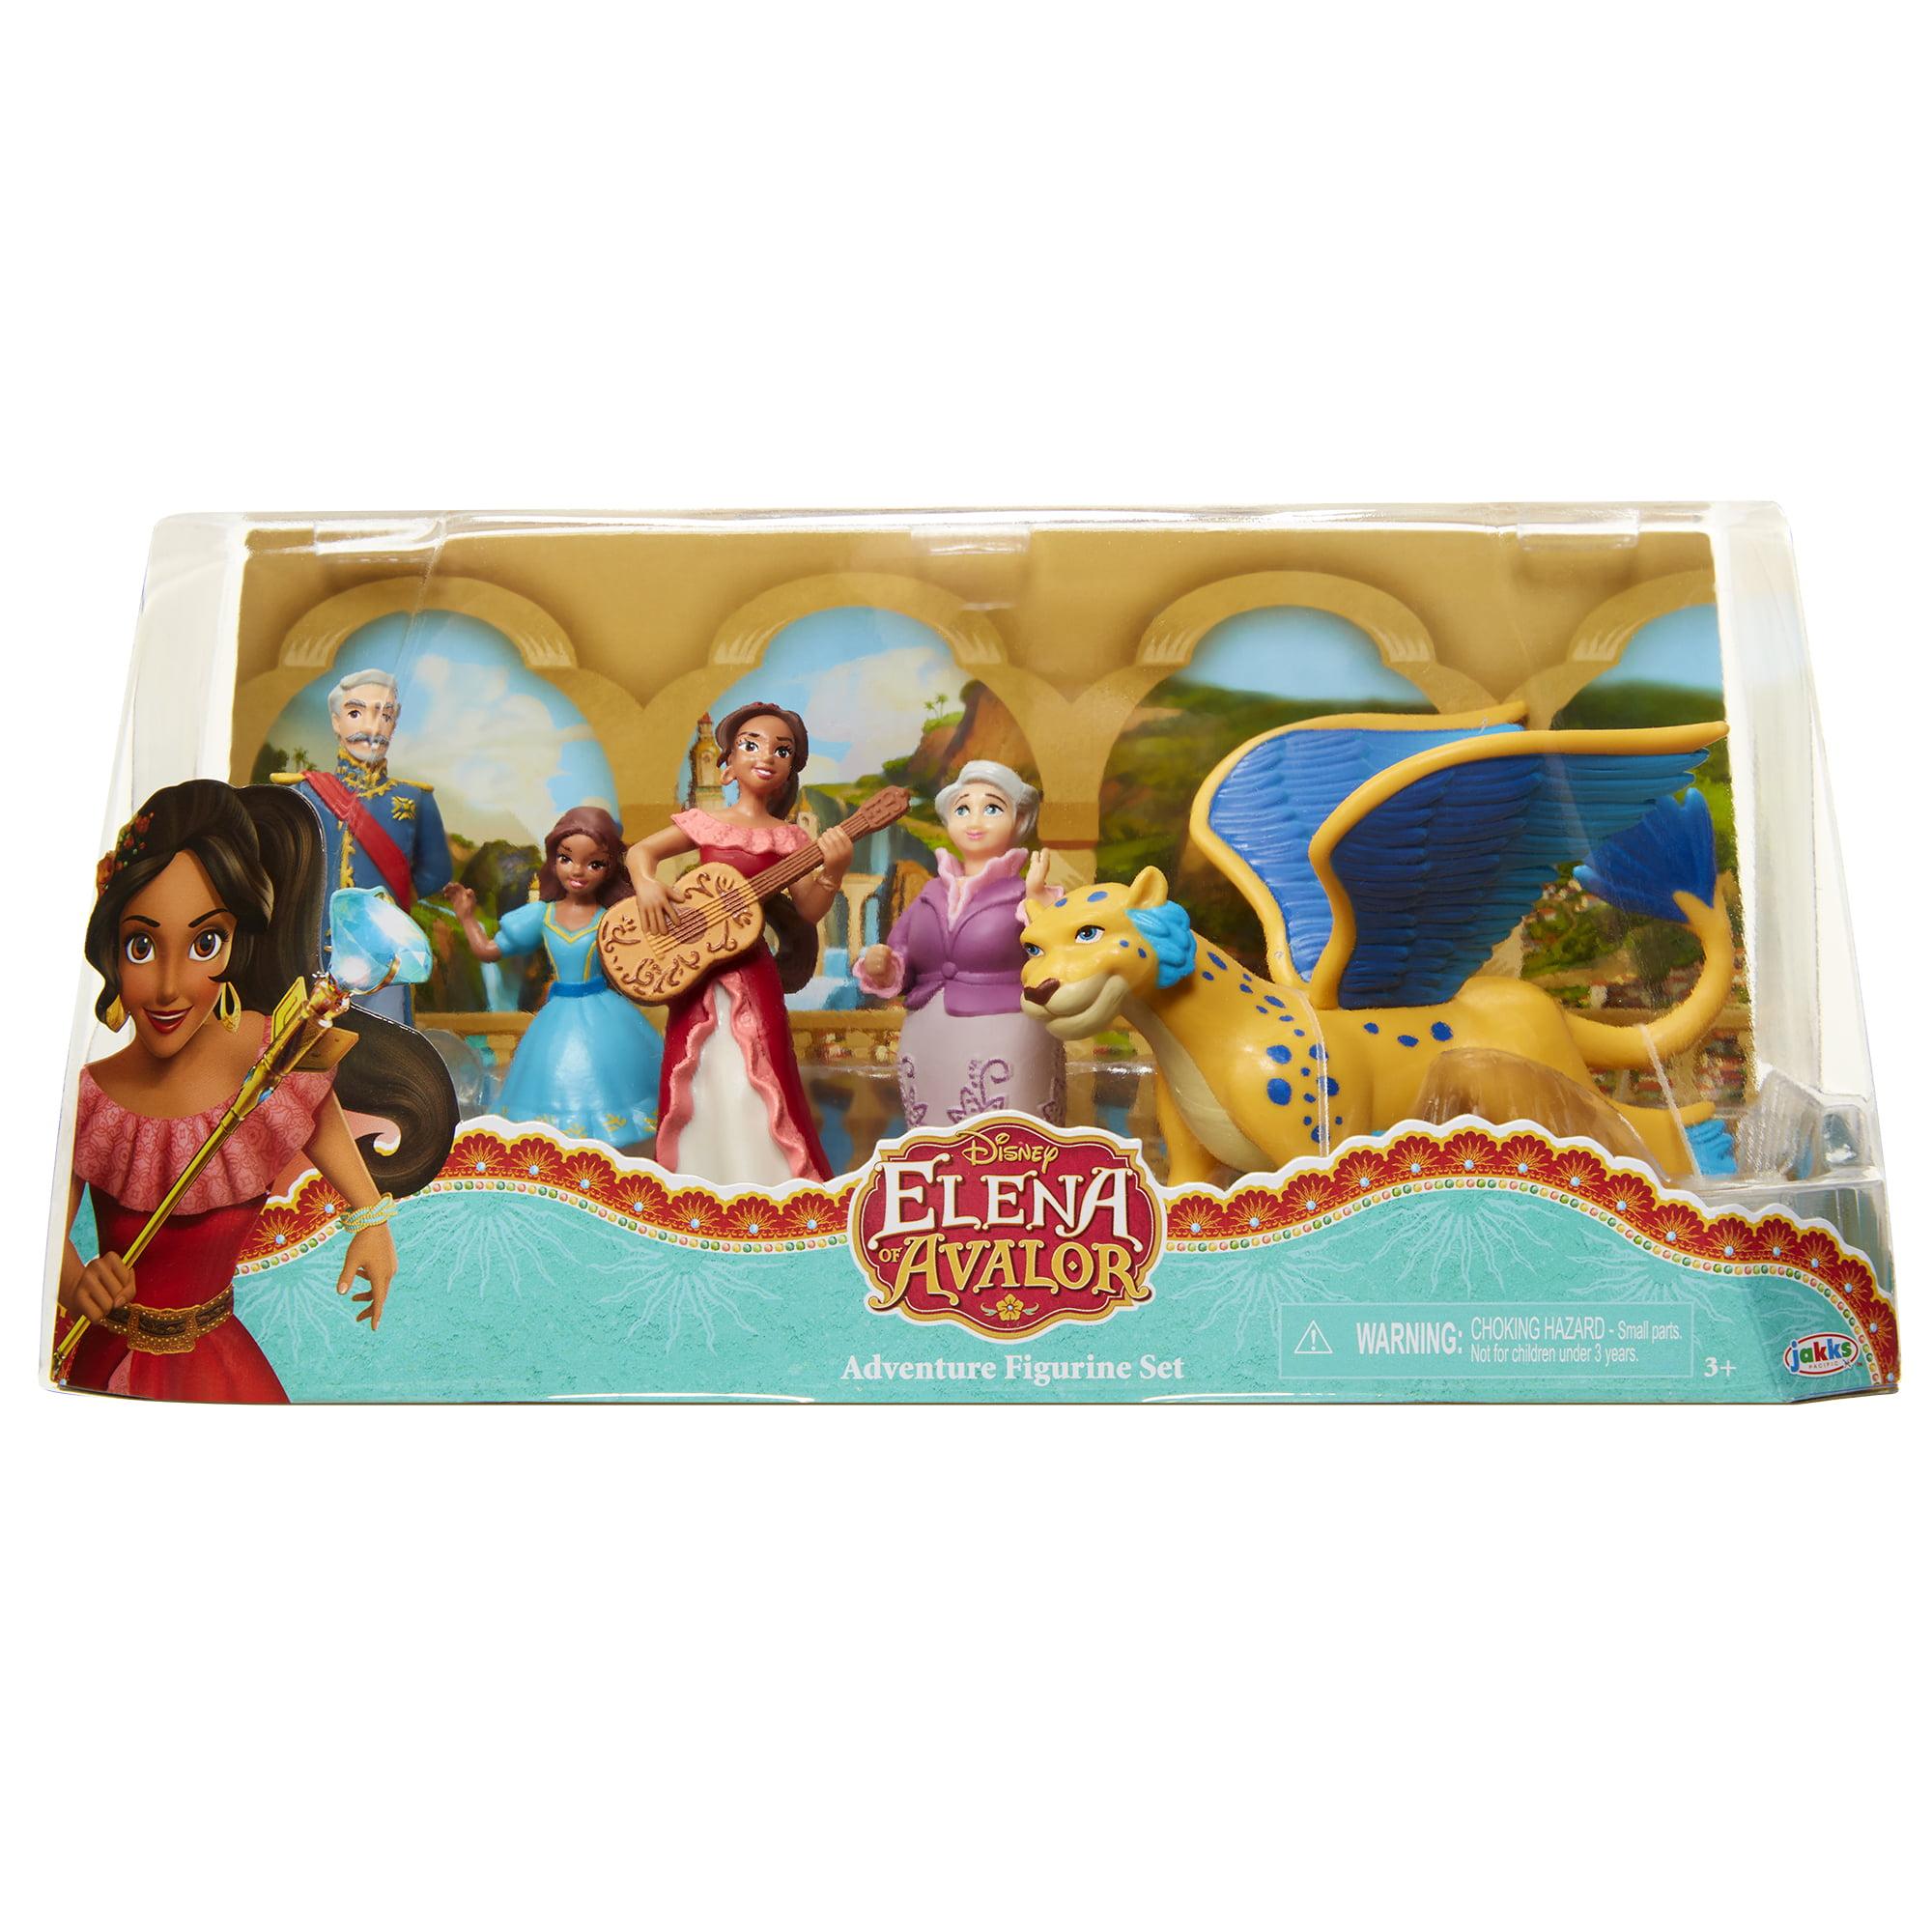 Elena Avalor Adventure Figurine Set by Jakks Pacific